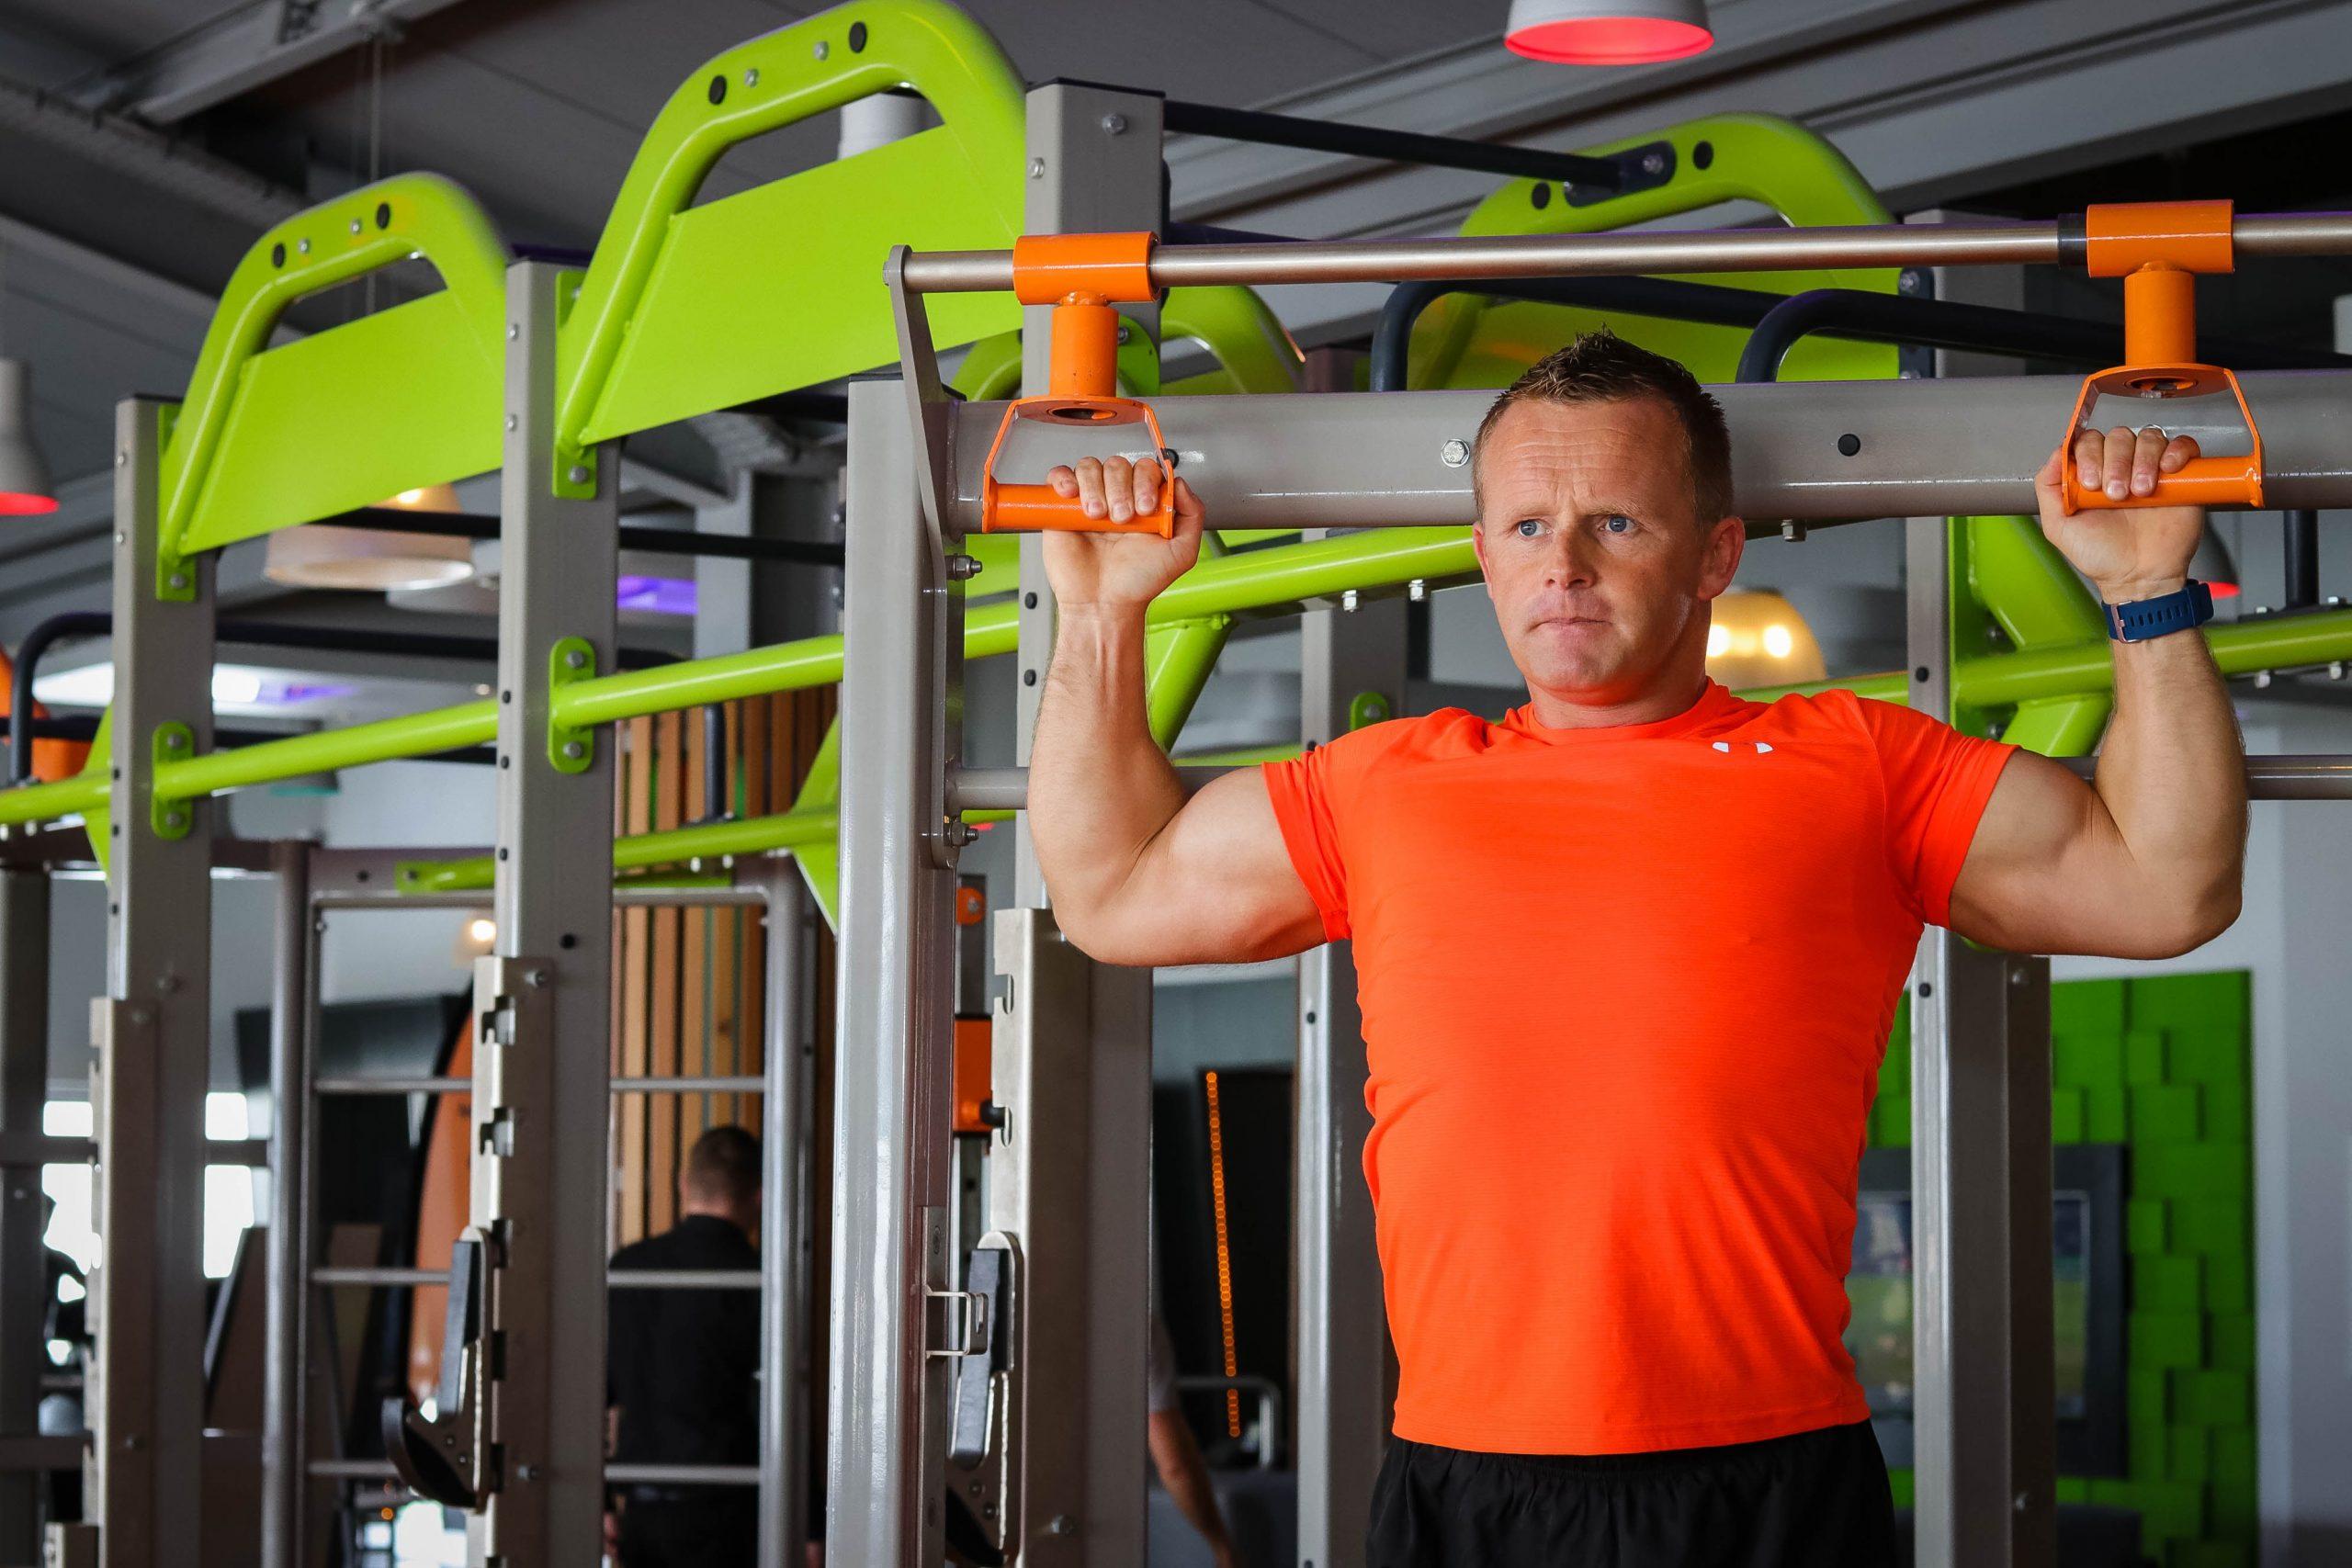 westwood-fitness-gym